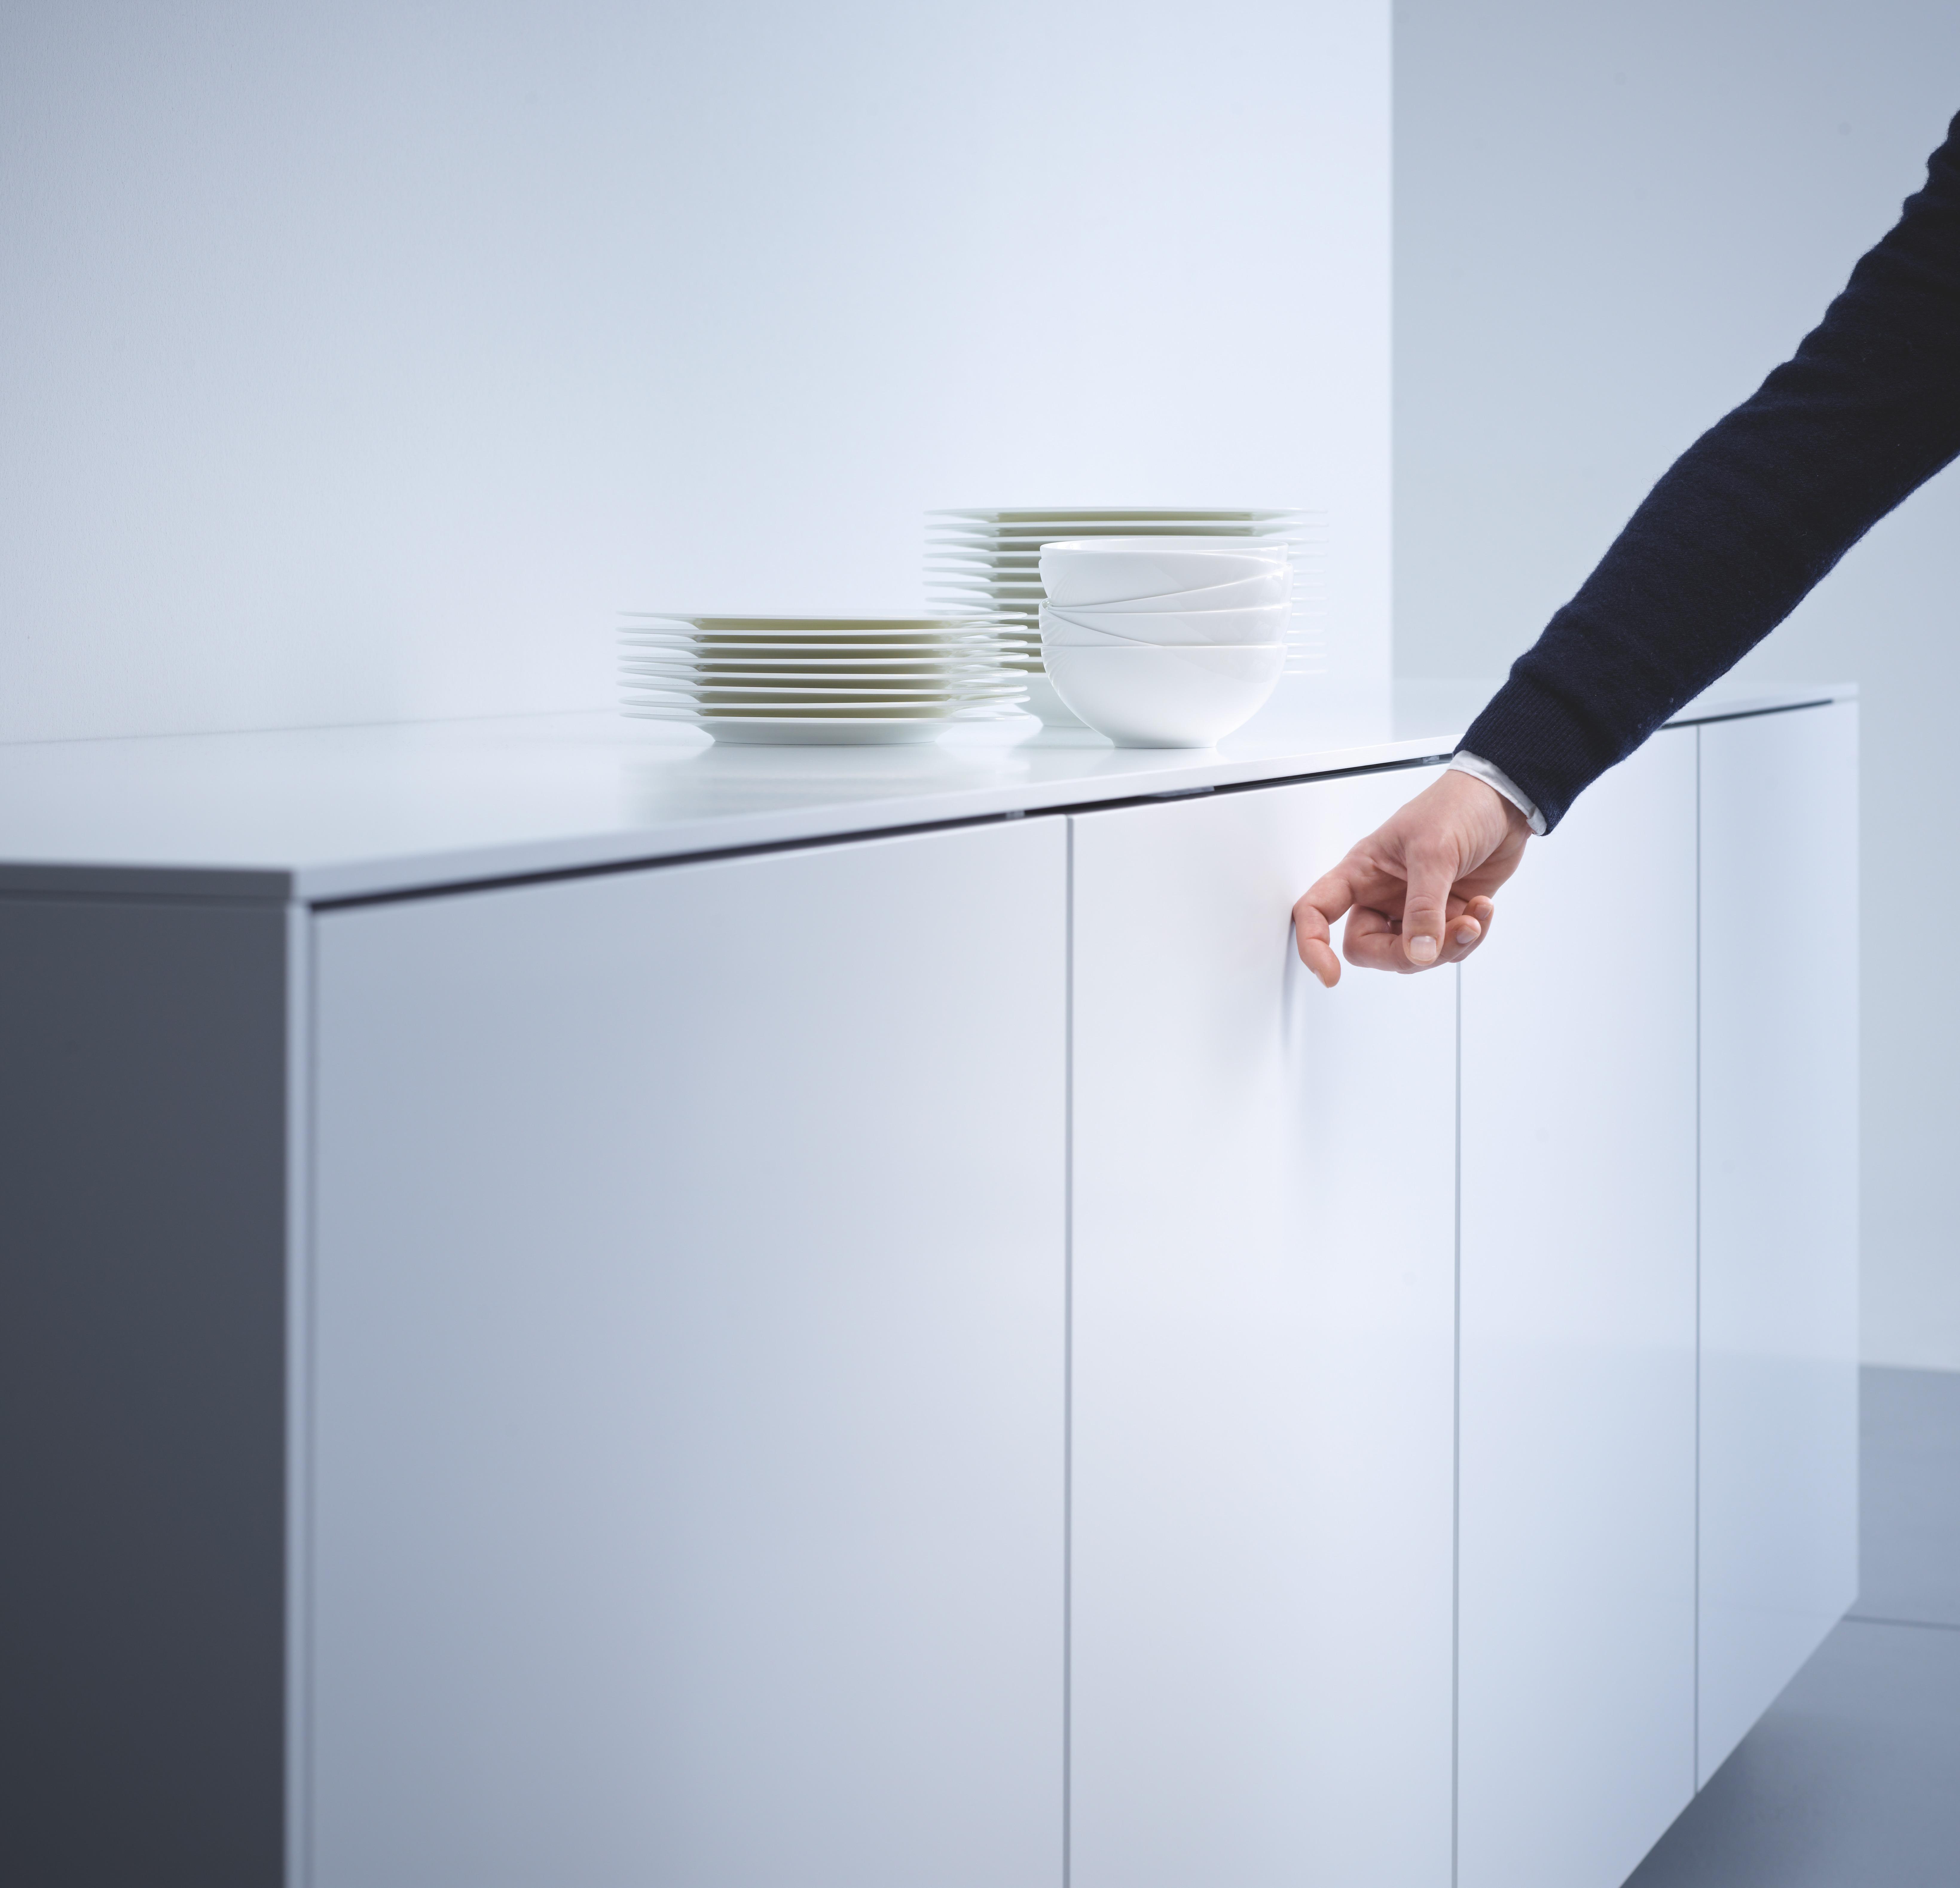 knock2open miele invente le lave vaisselle qui s 39 ouvre. Black Bedroom Furniture Sets. Home Design Ideas